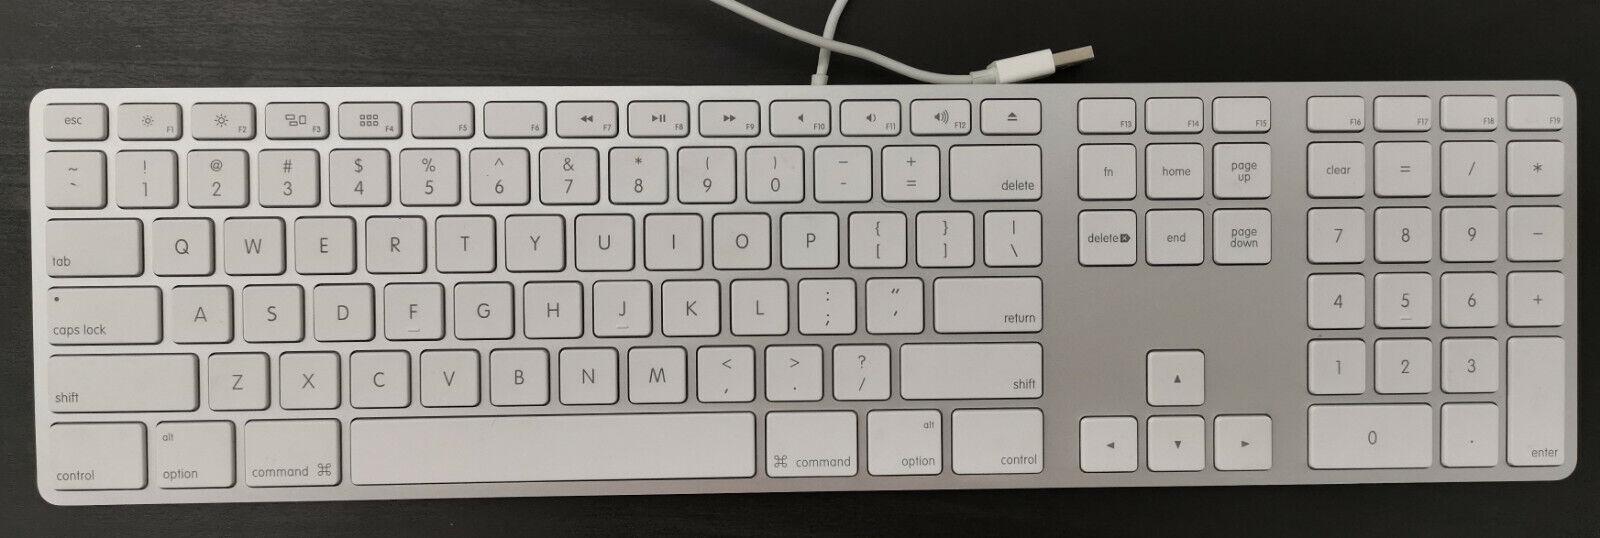 Clavier apple filaire qwerty a1243 avec pavé numérique (us)